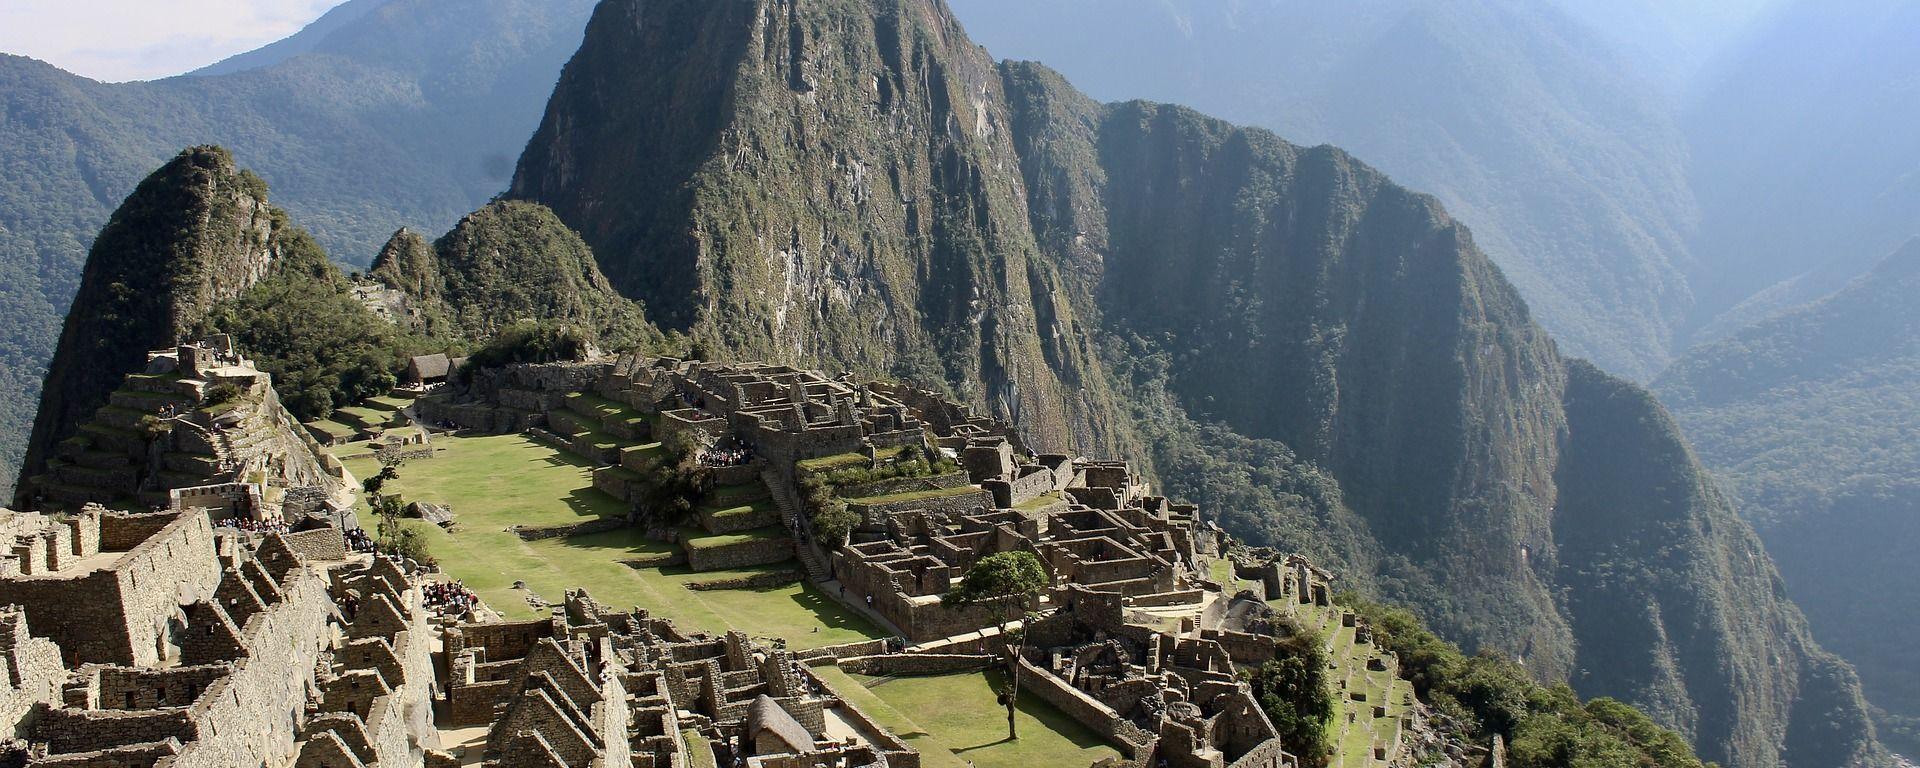 Machu Picchu, Perú - Sputnik Mundo, 1920, 27.02.2021